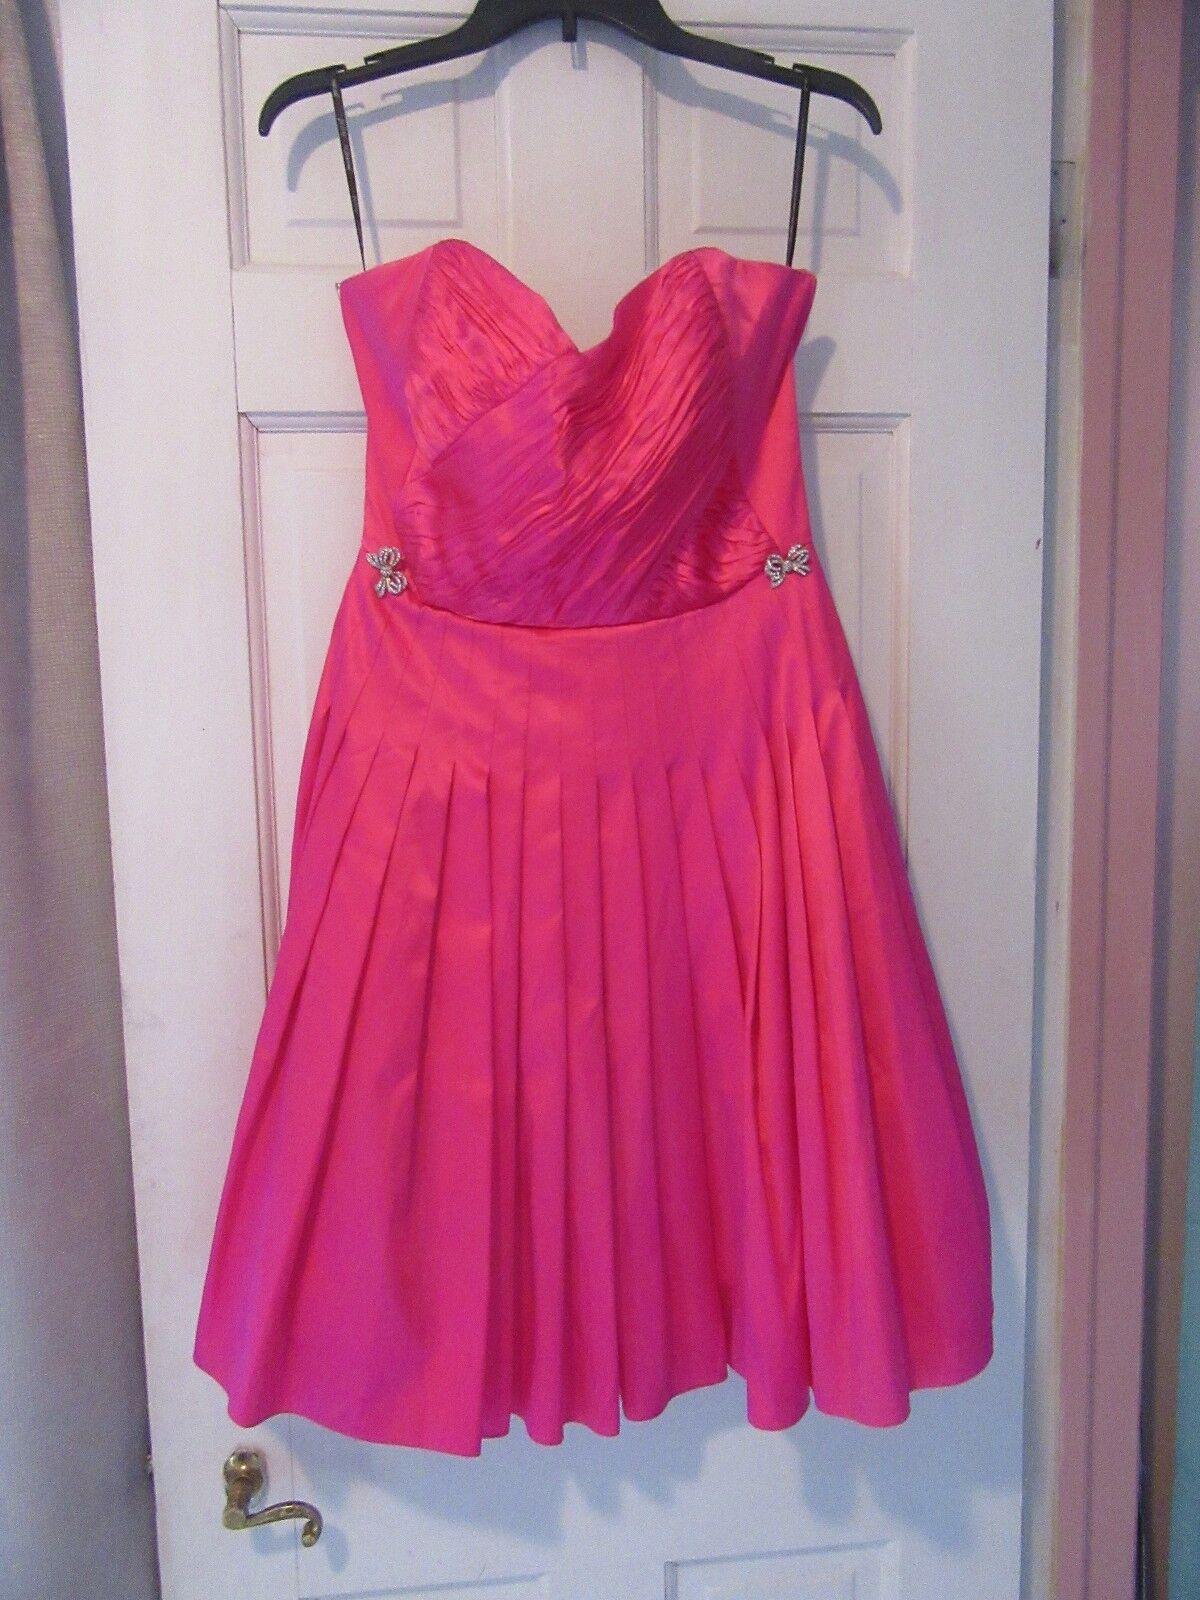 Betsey Johnson Silk Strapless Pink Rhinestone Bows Petticoat Dress Size 8